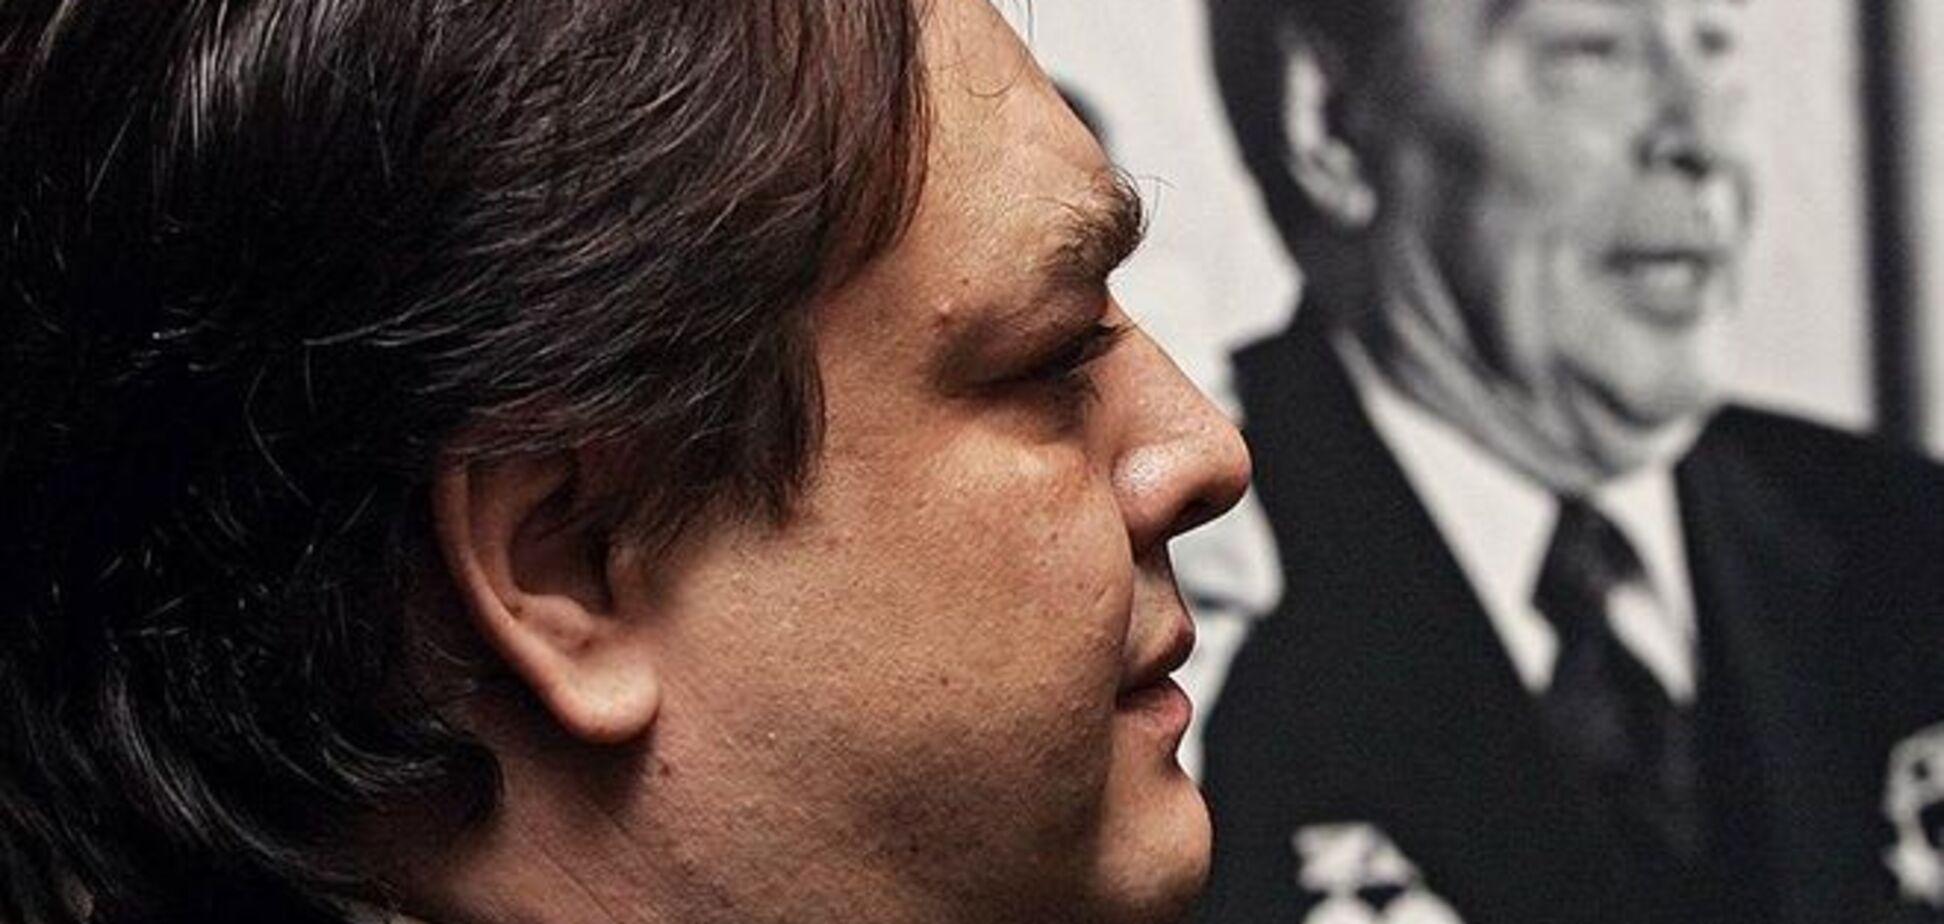 На місцевих виборах у російській глибинці список КПРС очолив Брежнєв